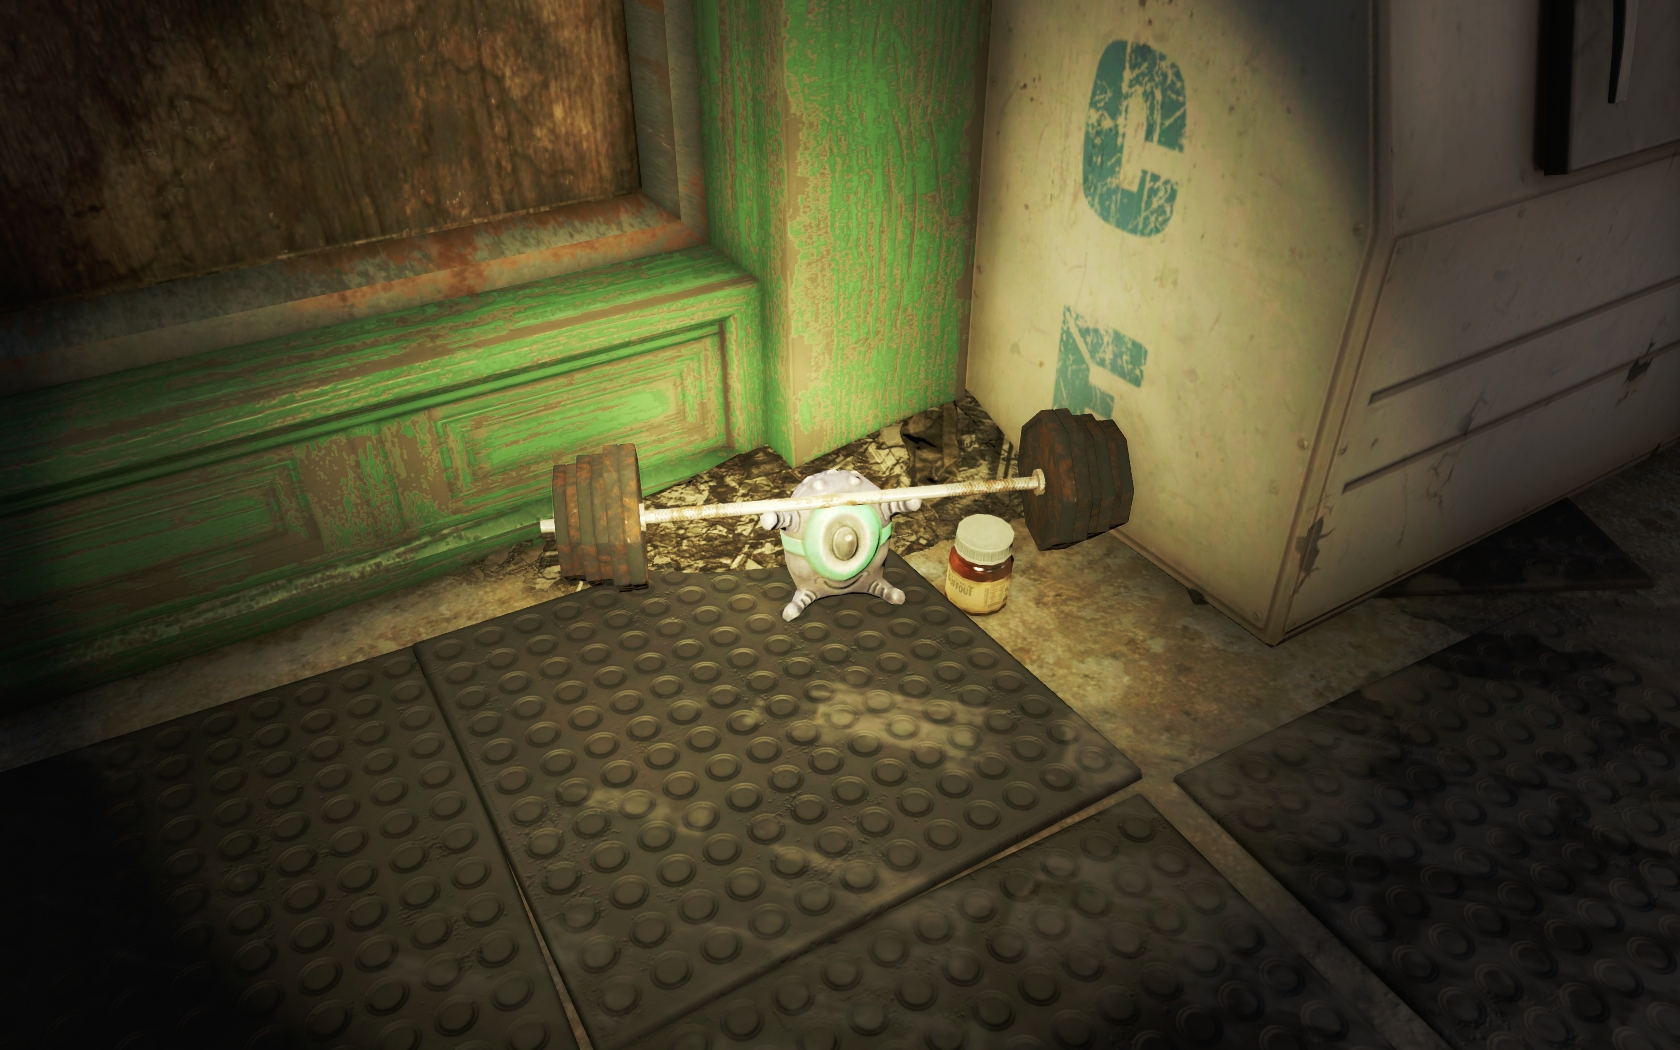 Силач, накаченный баффаутом. Штанга 72,6кг (Боксёрский зал у Галереи Пикмана) - Fallout 4 Инопланетянин, Юмор